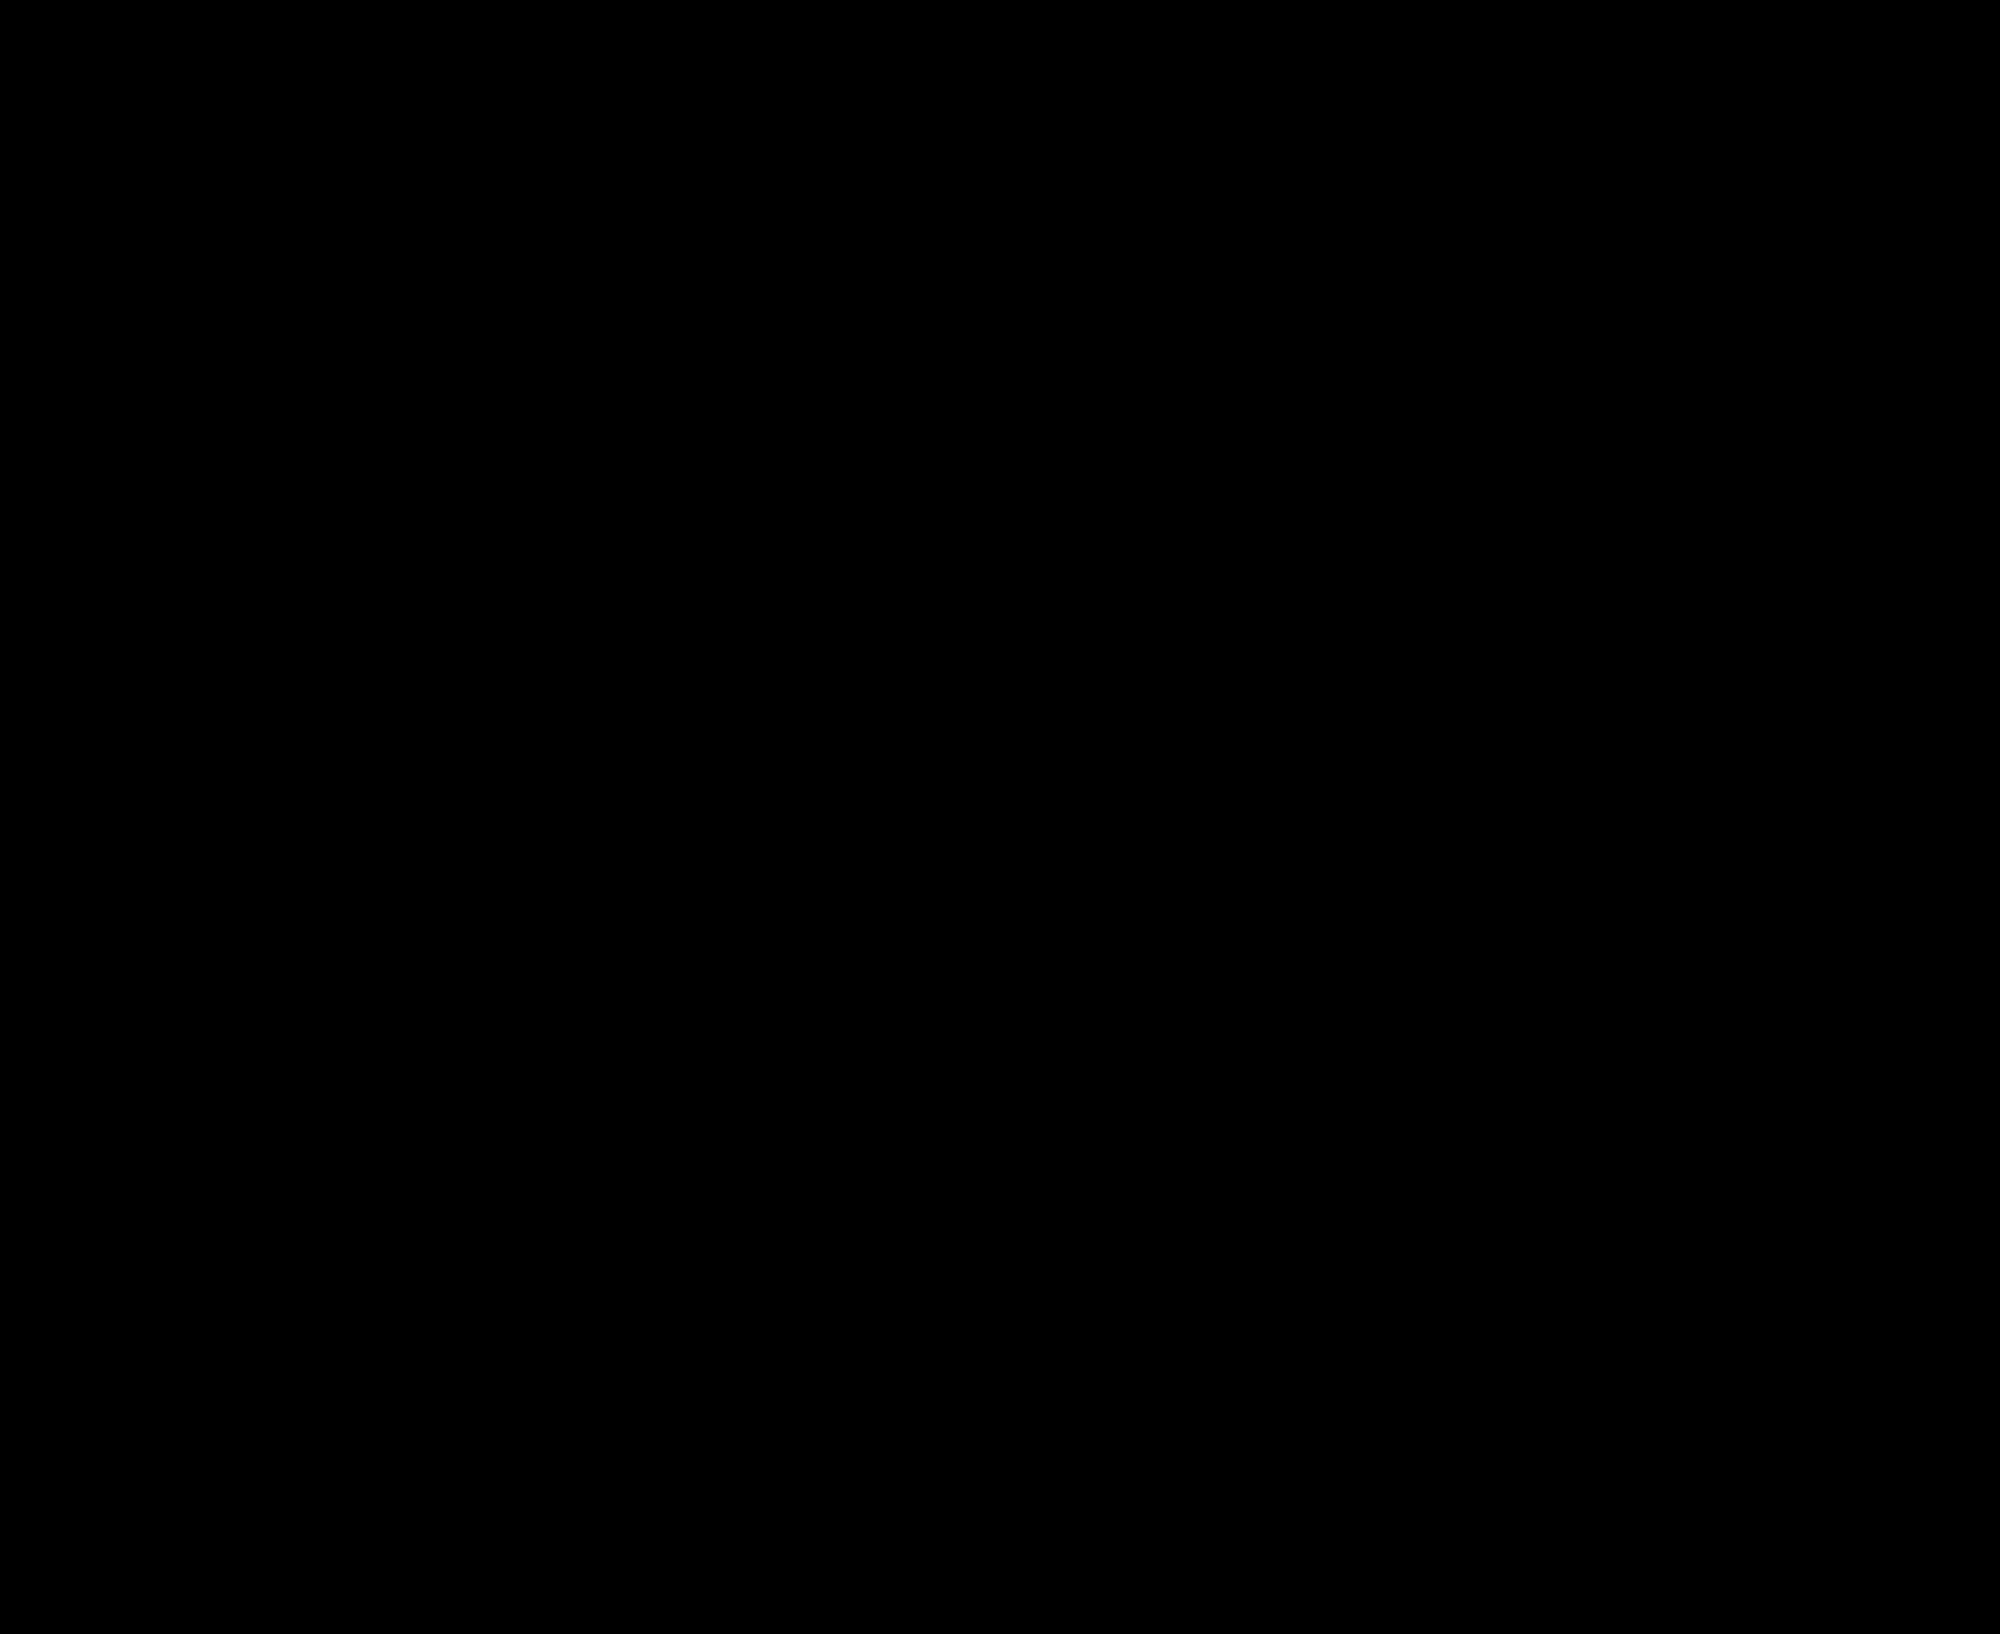 gangalo-logo (1).png